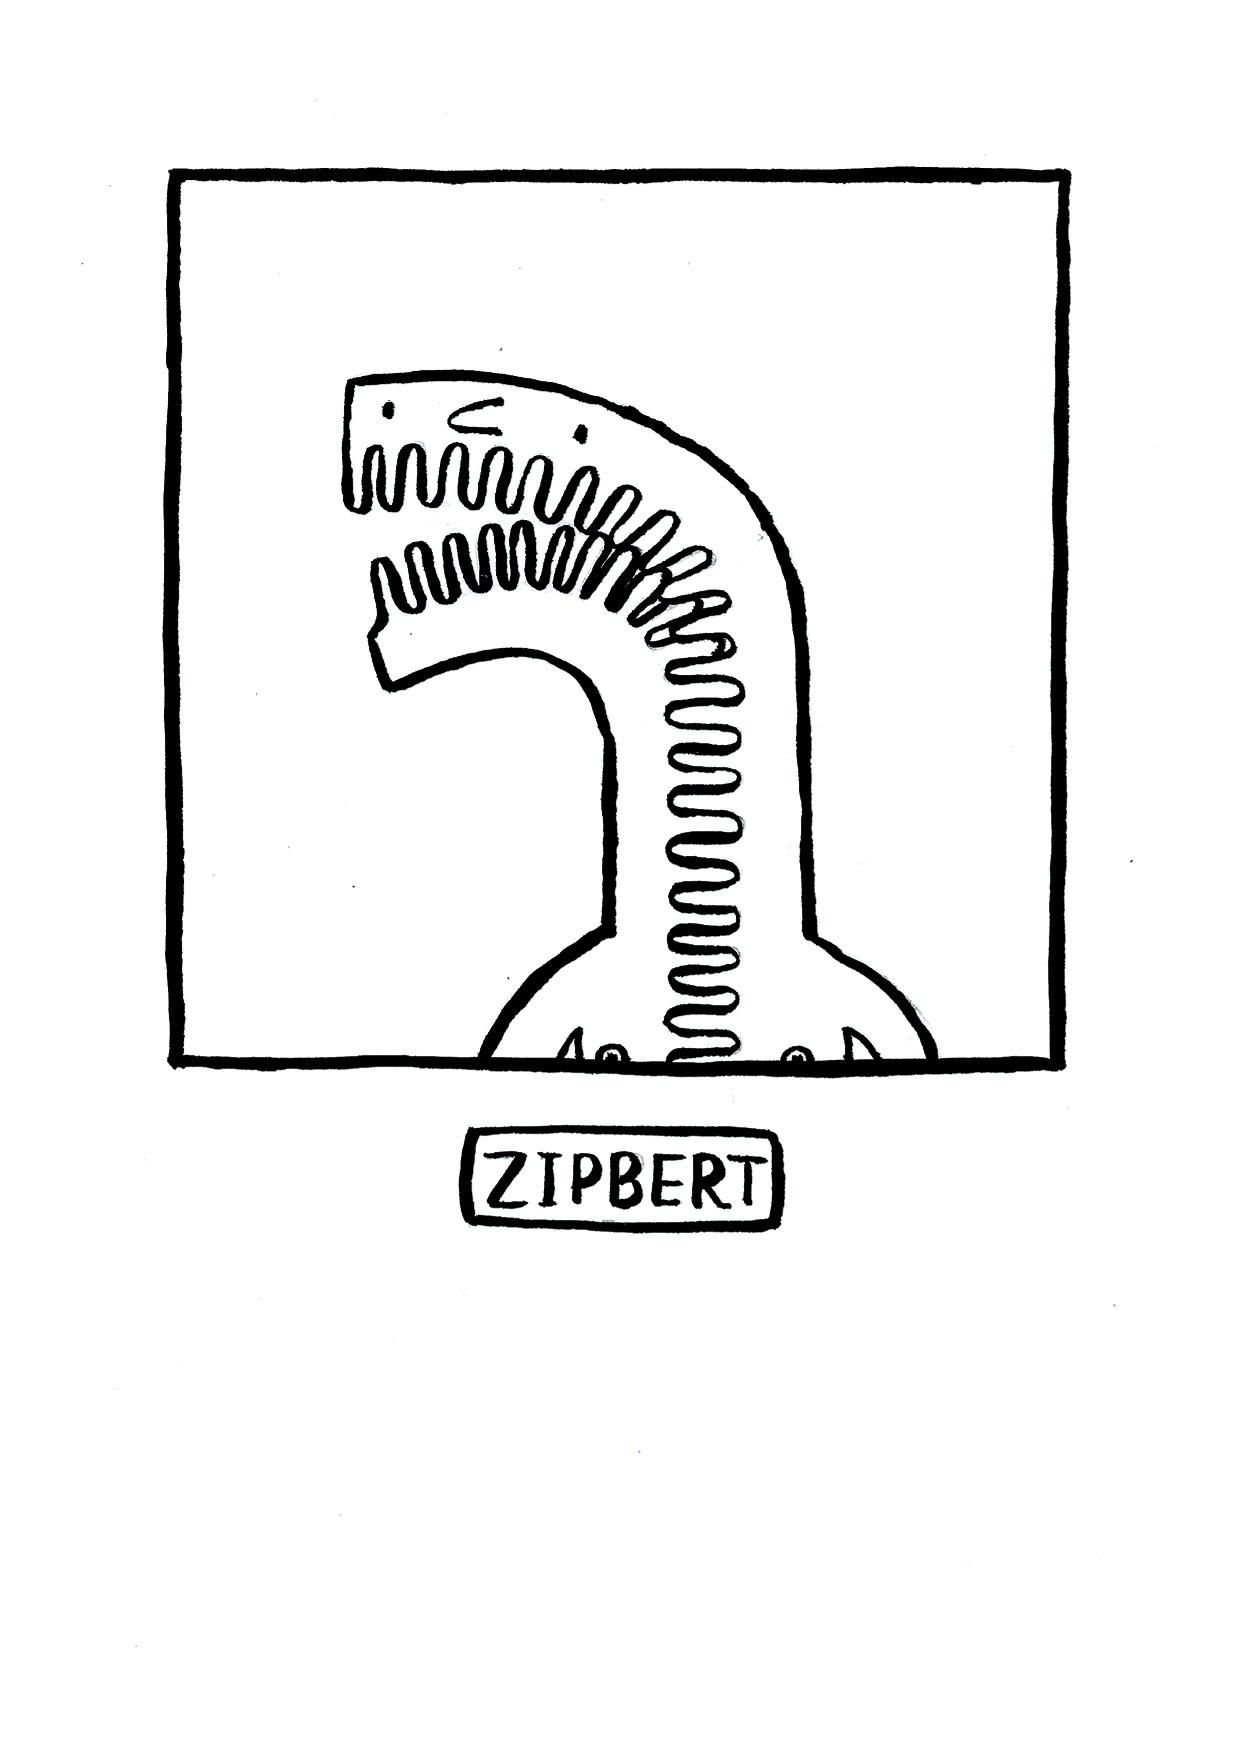 Zipbert